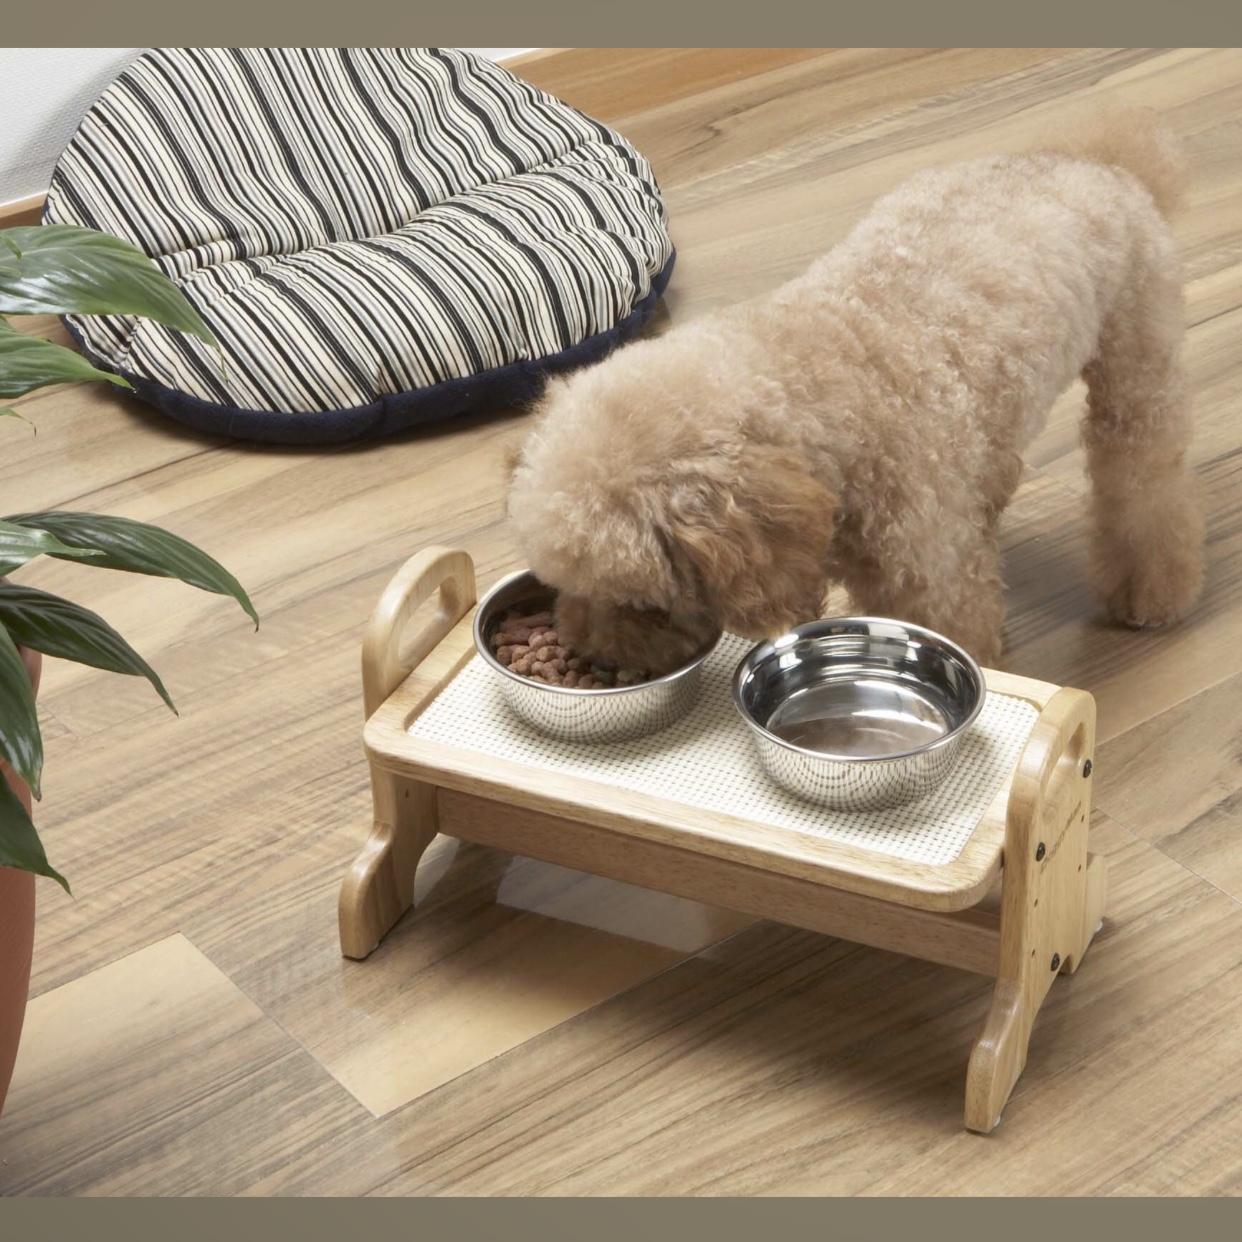 Bàn Ăn Cho Cún Mèo DoggyMan [Size S 35x21x18cm]